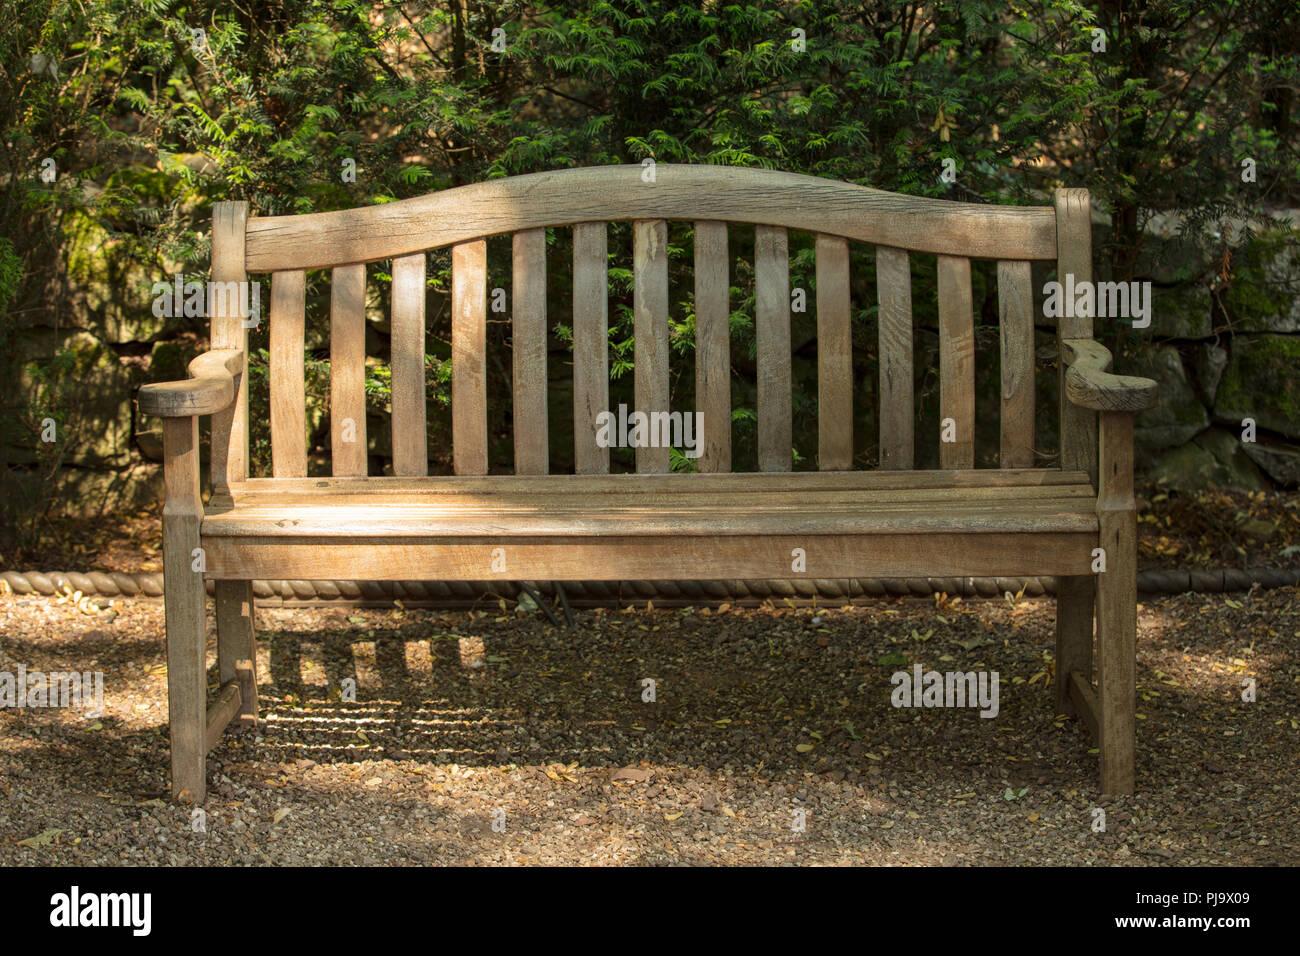 Panchine Da Esterno Design.Legno Di Latifoglia Panchina Da Giardino E La Funzione Di Punto